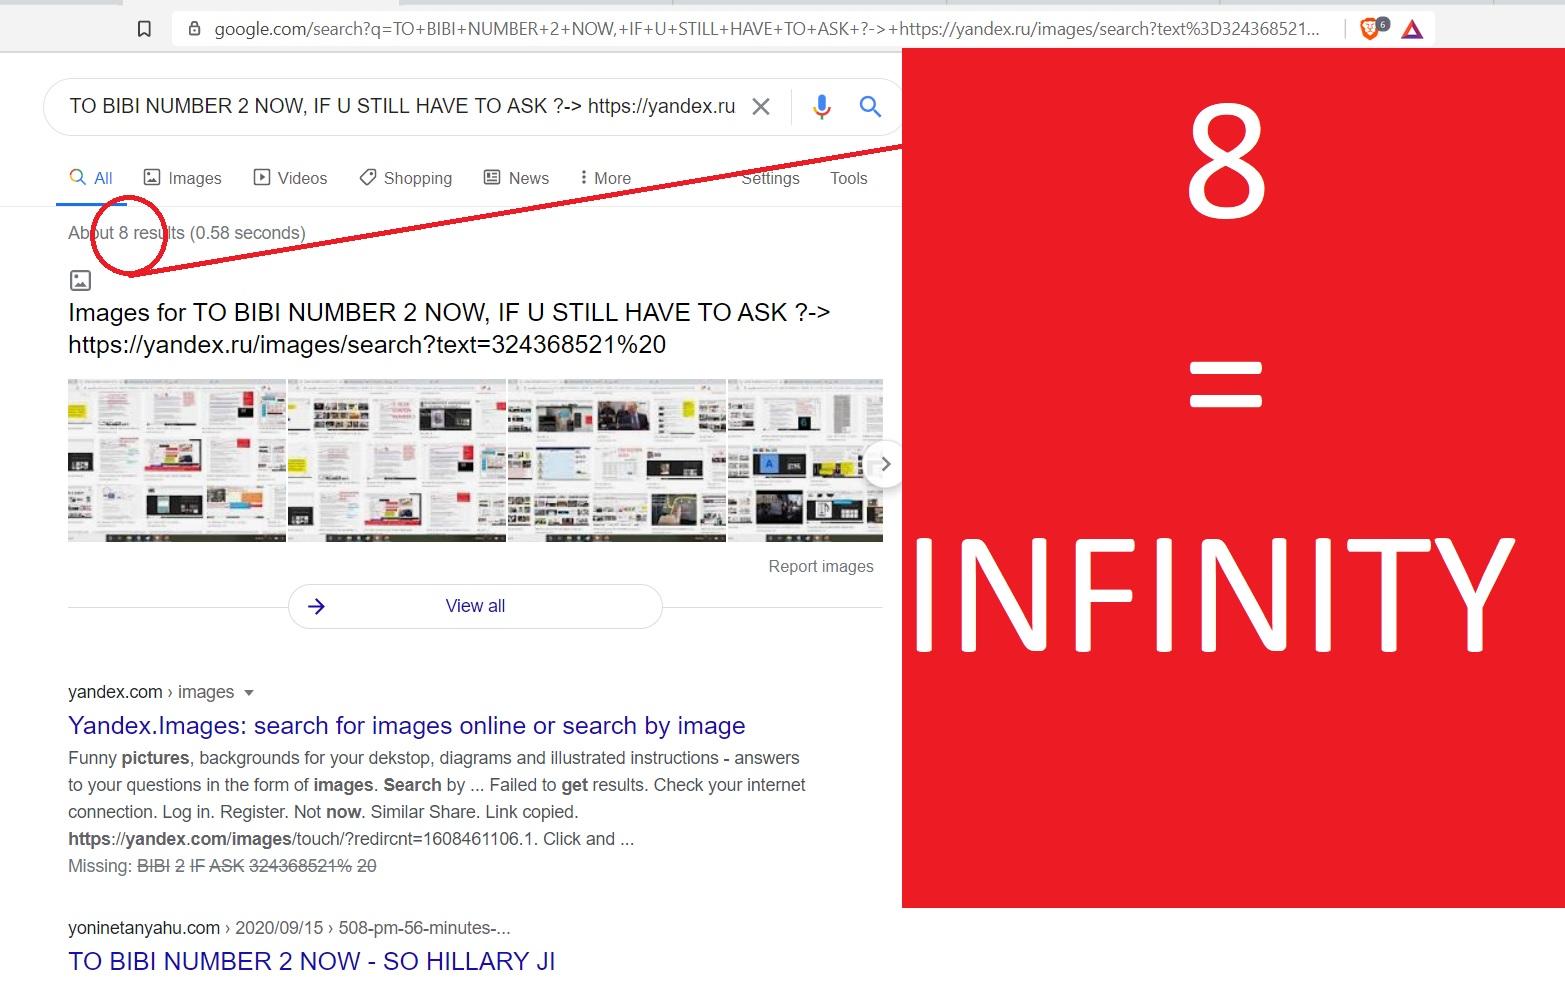 8 = INFINITY